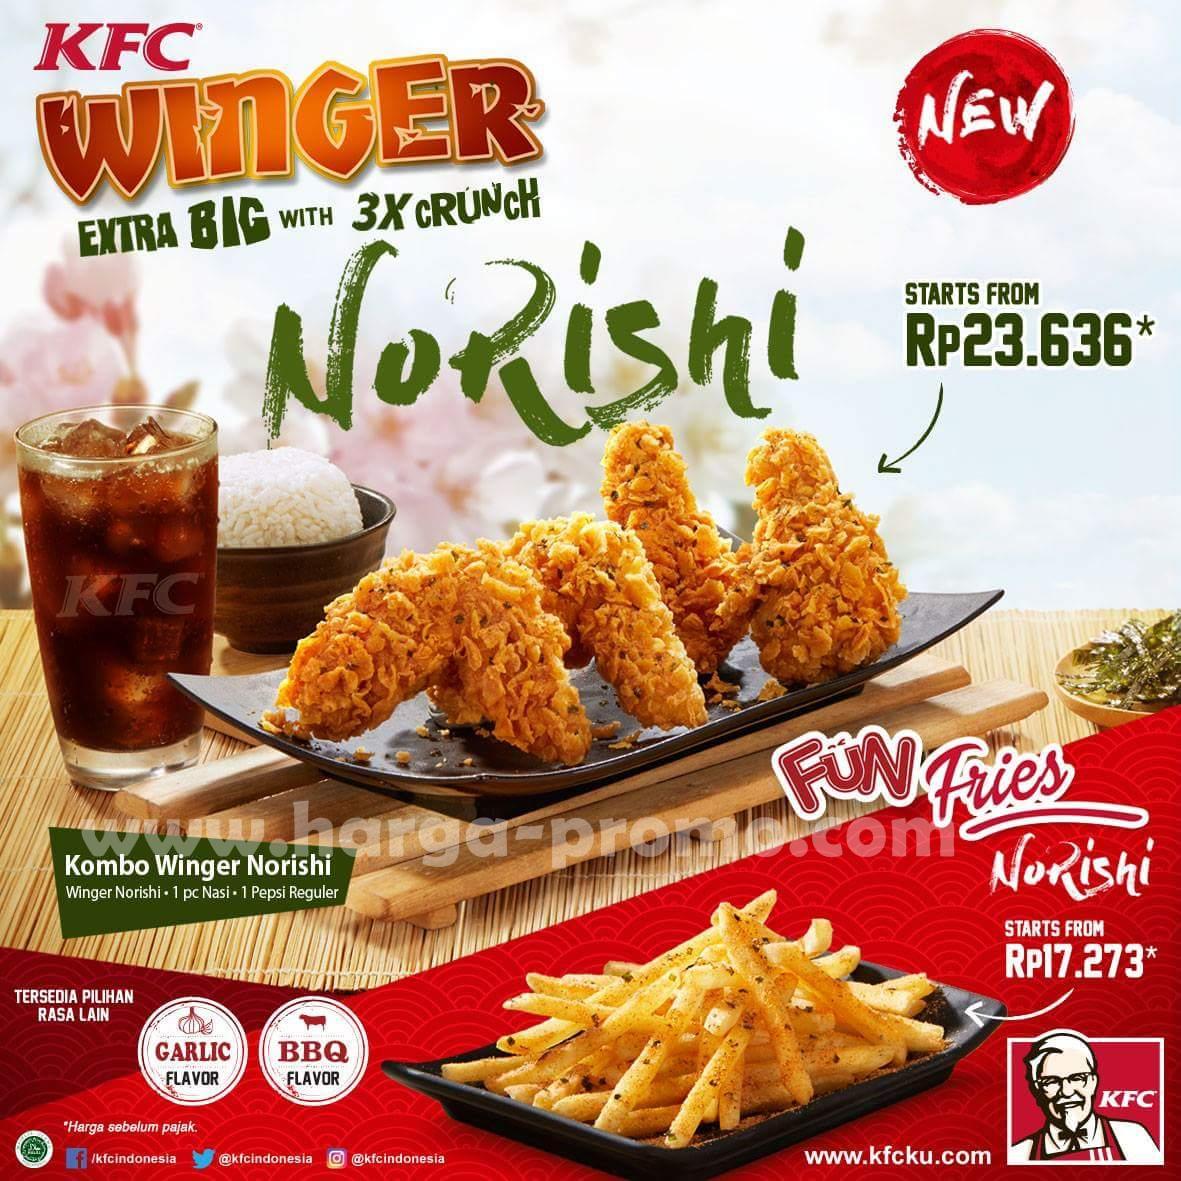 Promo KFC Terbaru Menu Baru Paket KFC Winger Norishi mulai ...